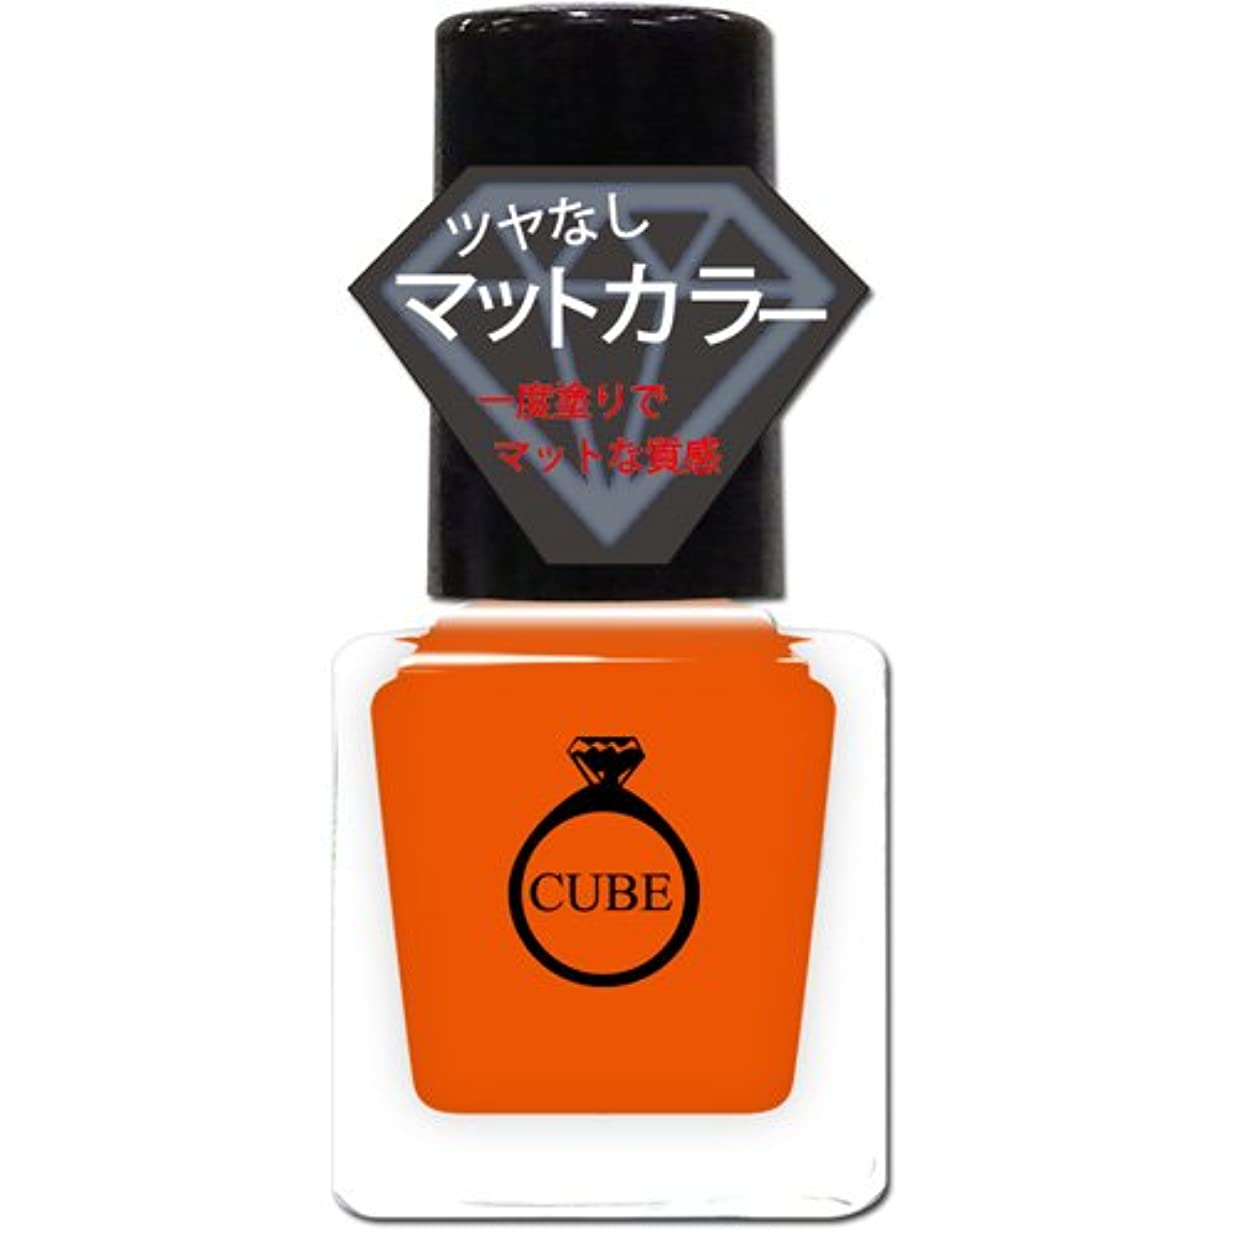 ビーエヌ マニキュア キューブネイル マットオレンジ CBN-27 7ml